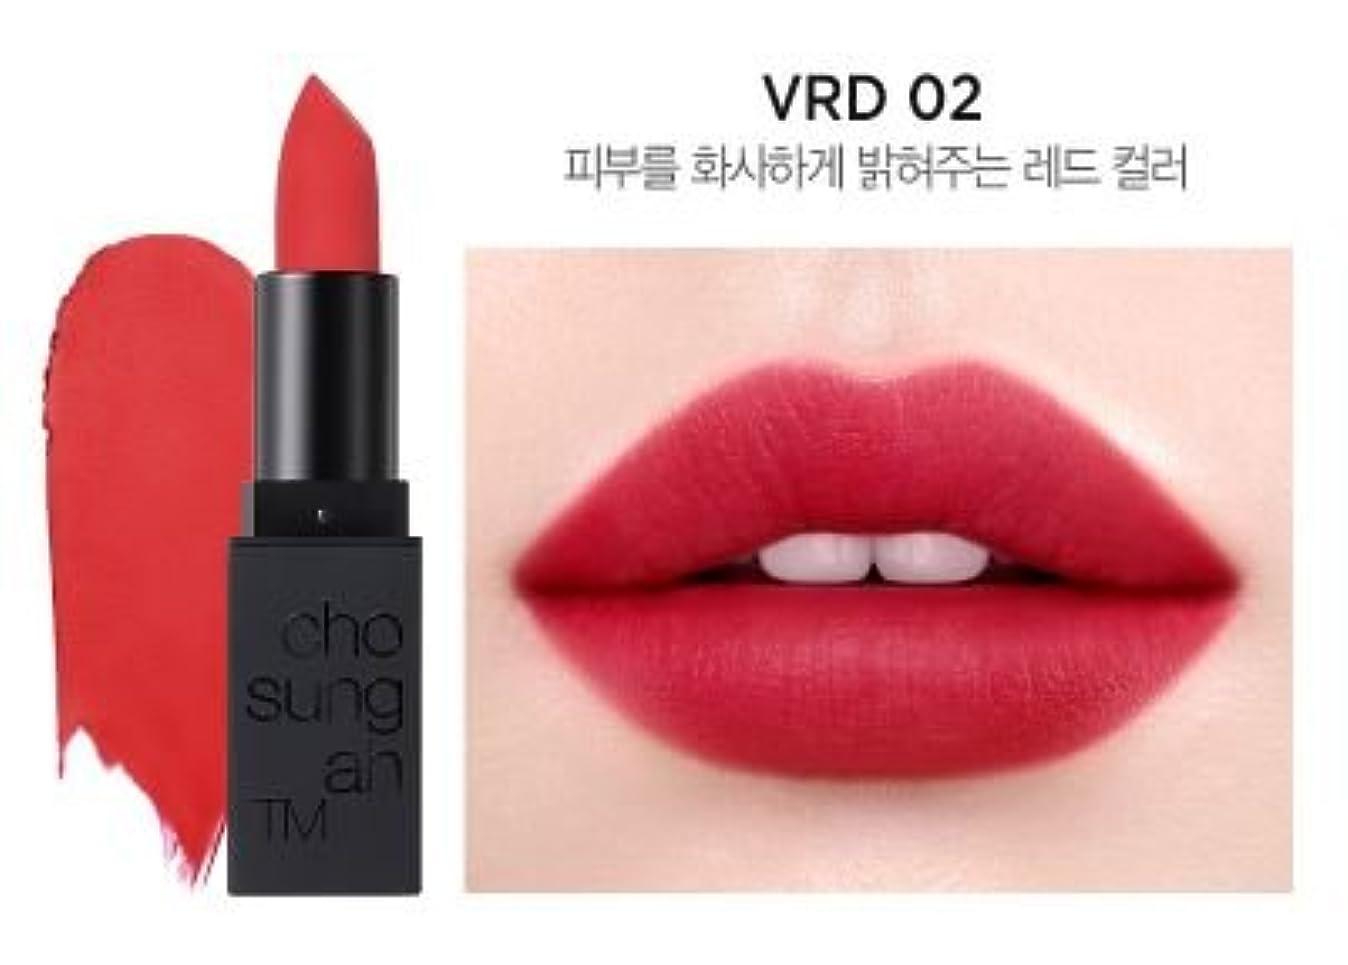 休憩殺す怠惰[CHOSUNGAH BEAUTY] Lipstick The Velvet 3.5g/リップスティックザベルベット 3.5g (#VRD 02) [並行輸入品]